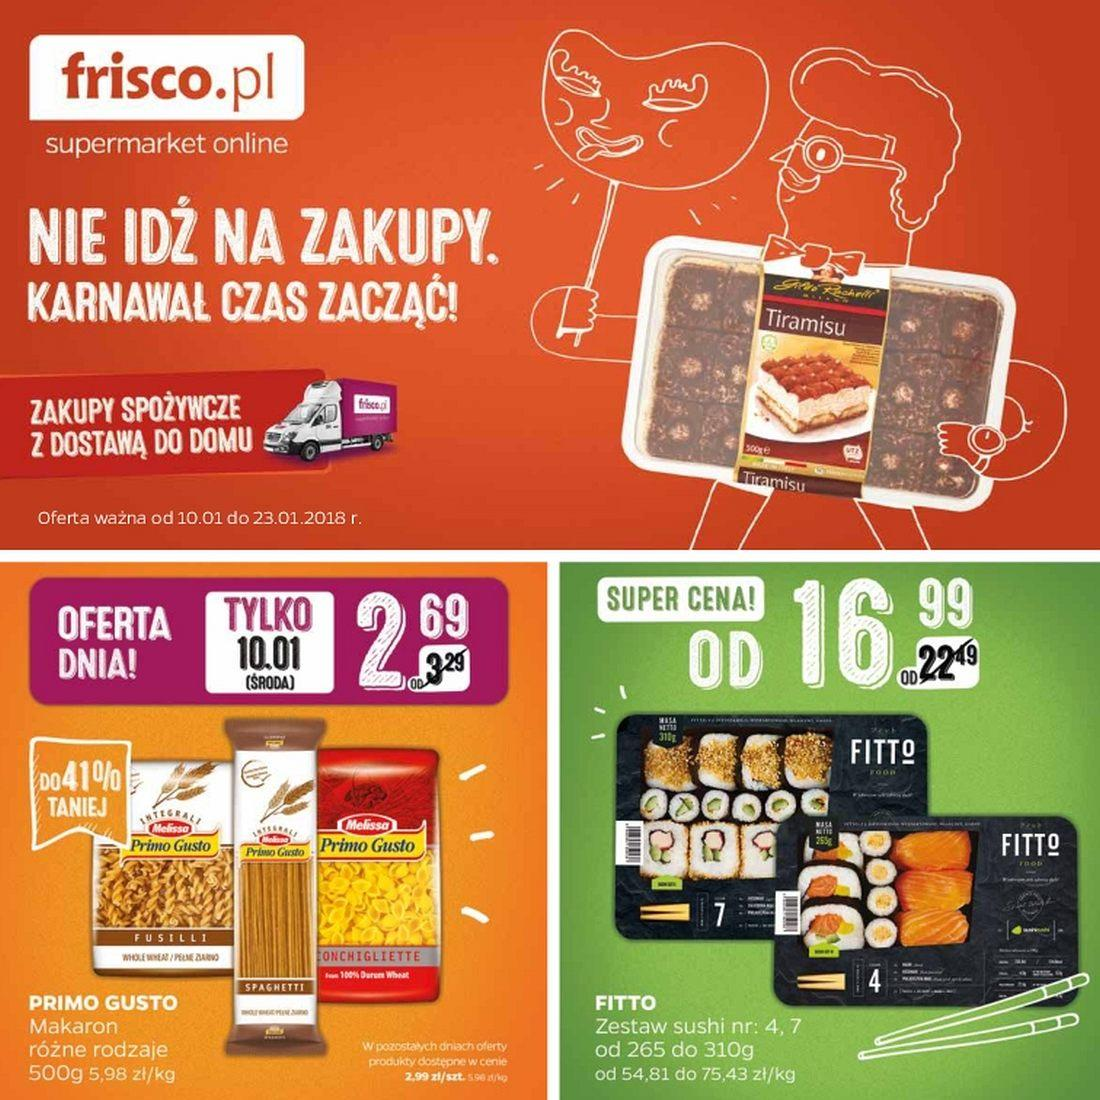 Gazetka promocyjna Frisco.pl do 23/01/2018 str.0